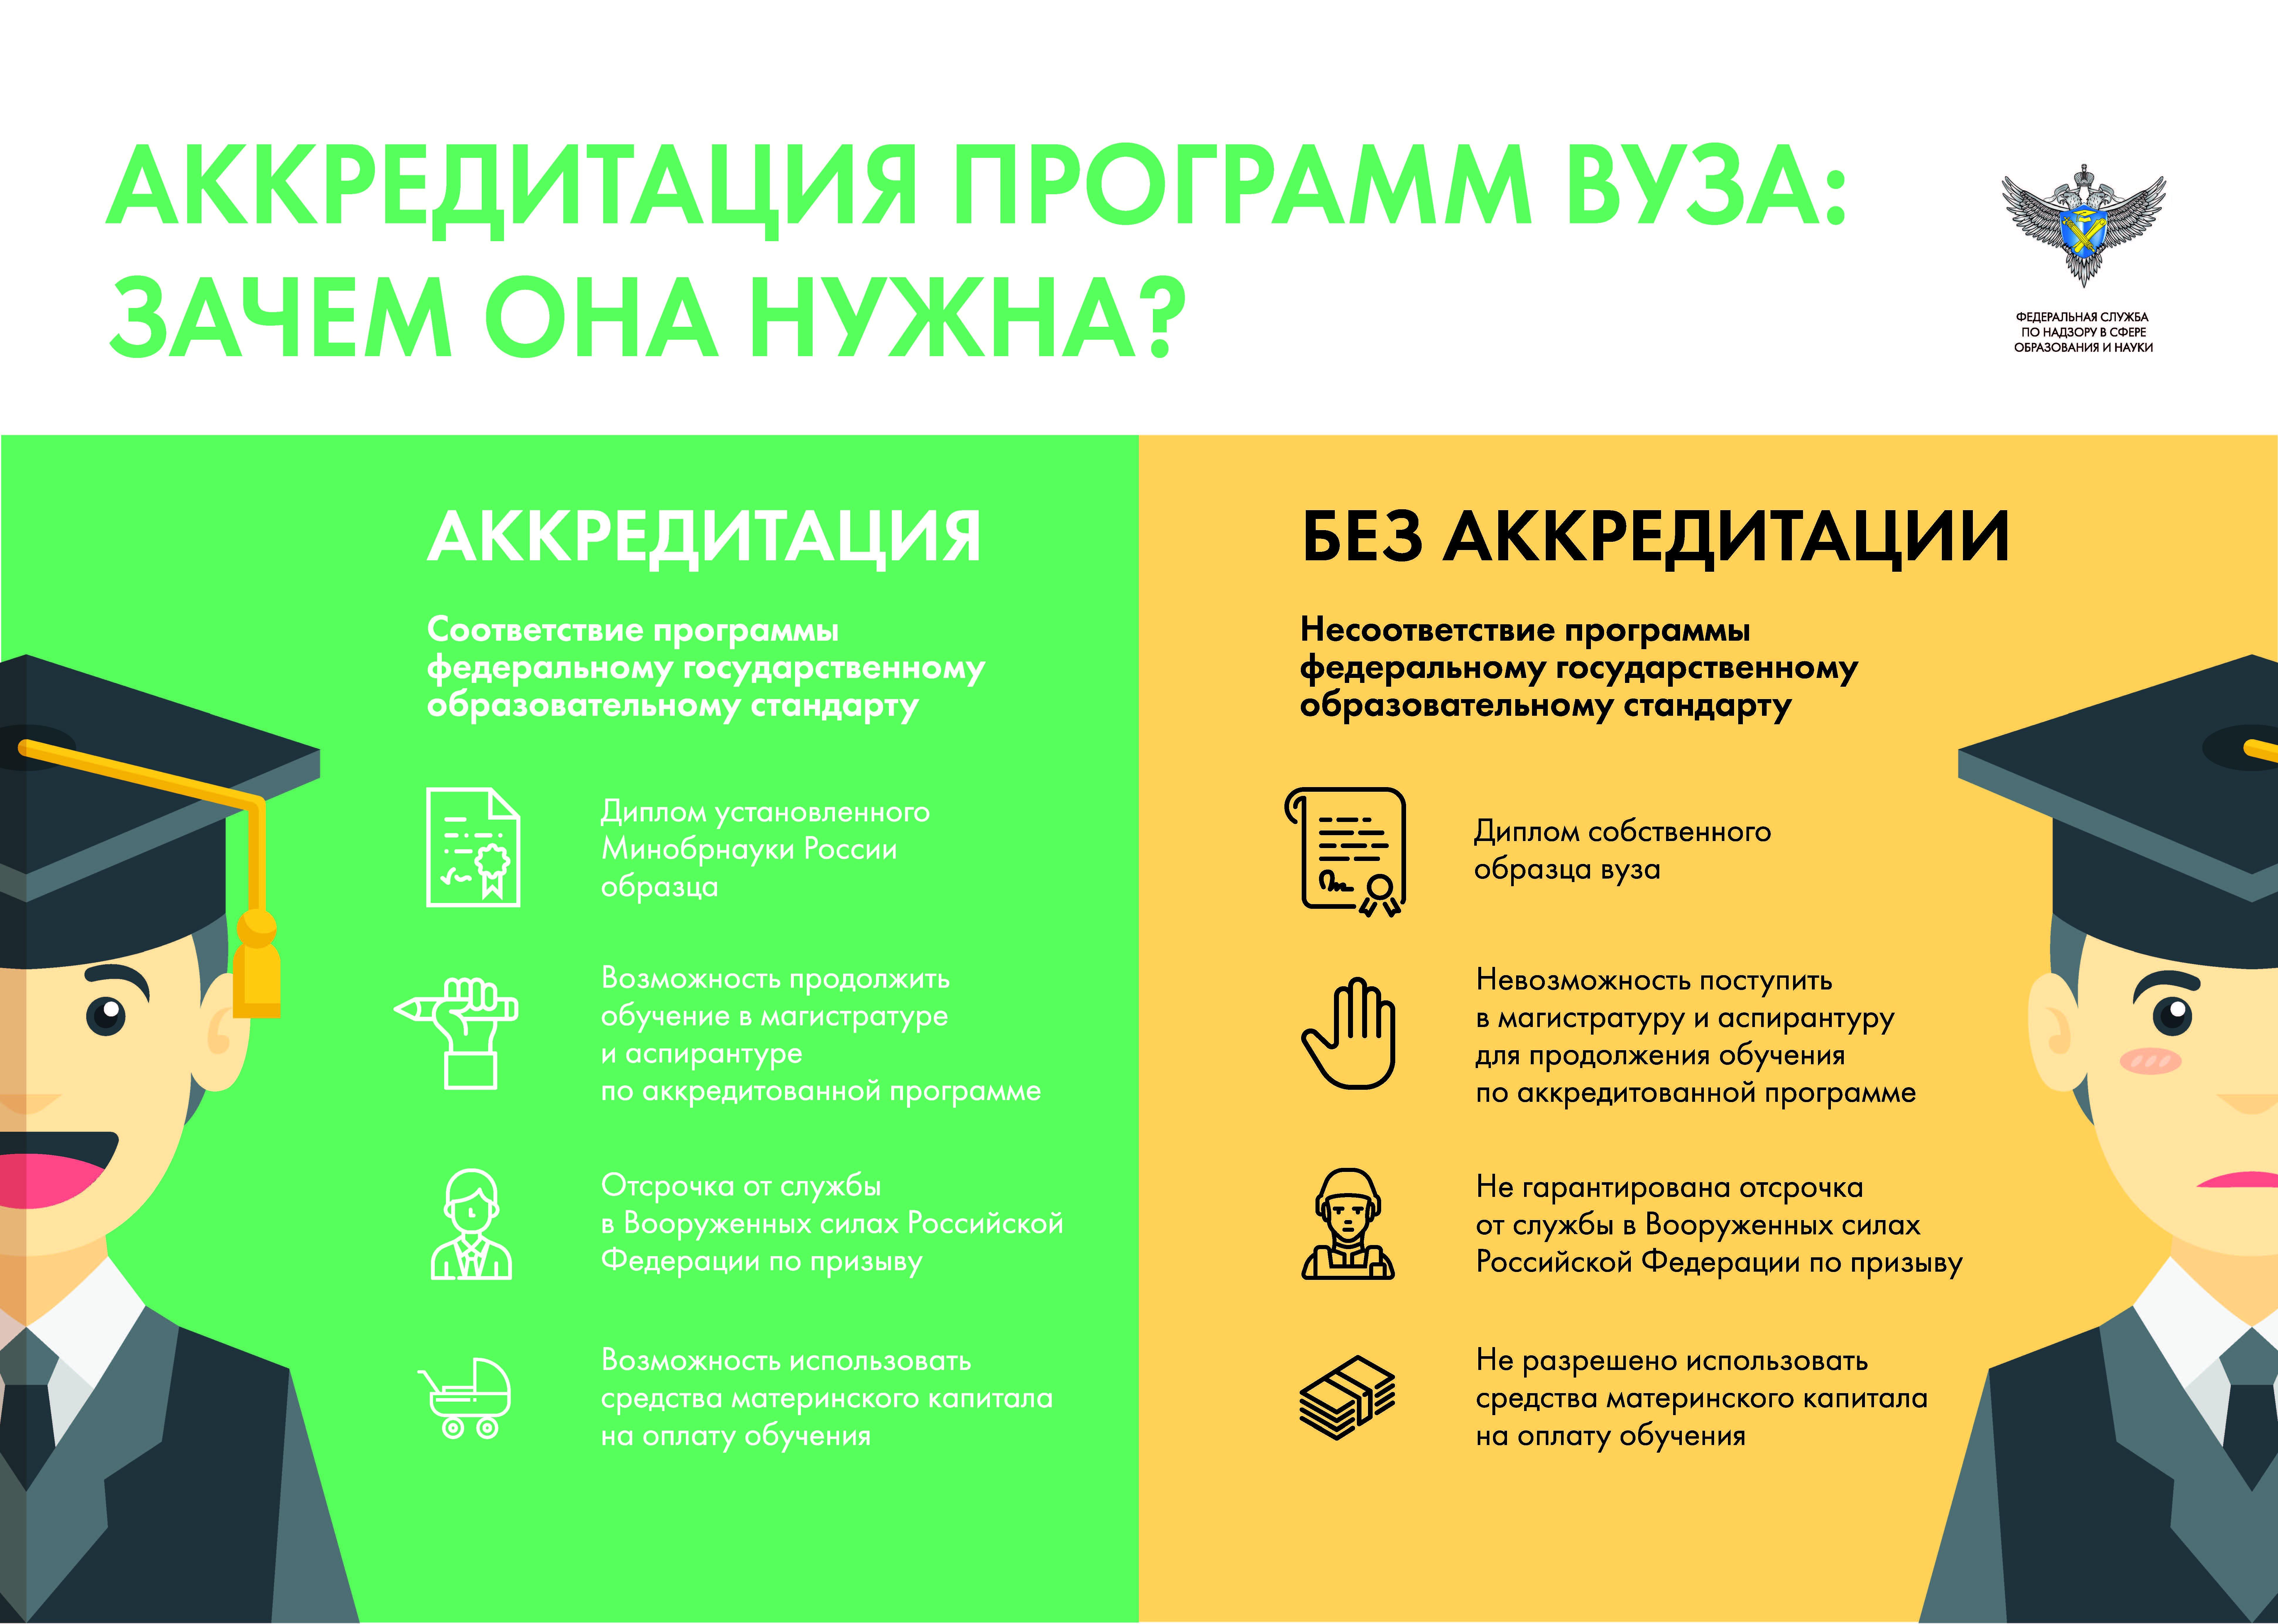 Akkreditatsiya_programm_vuza._Zachem_ona_nuzhna.jpg